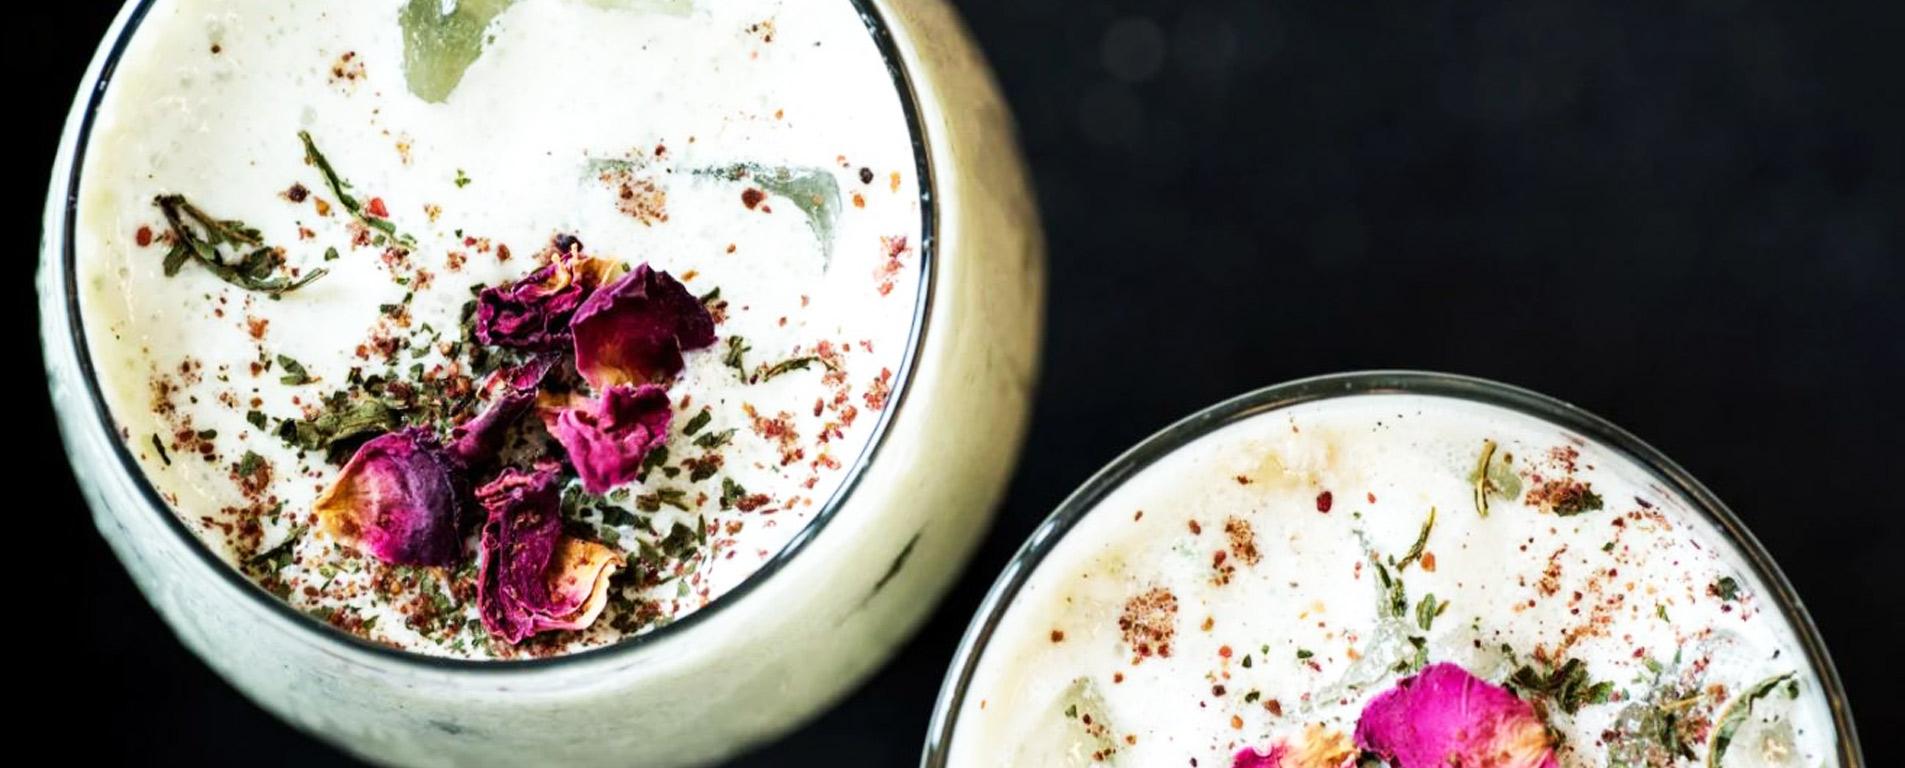 دوغ ایرانی بهعنوان میراث فرهنگی غذا ثبت استاندارد جهانی شد